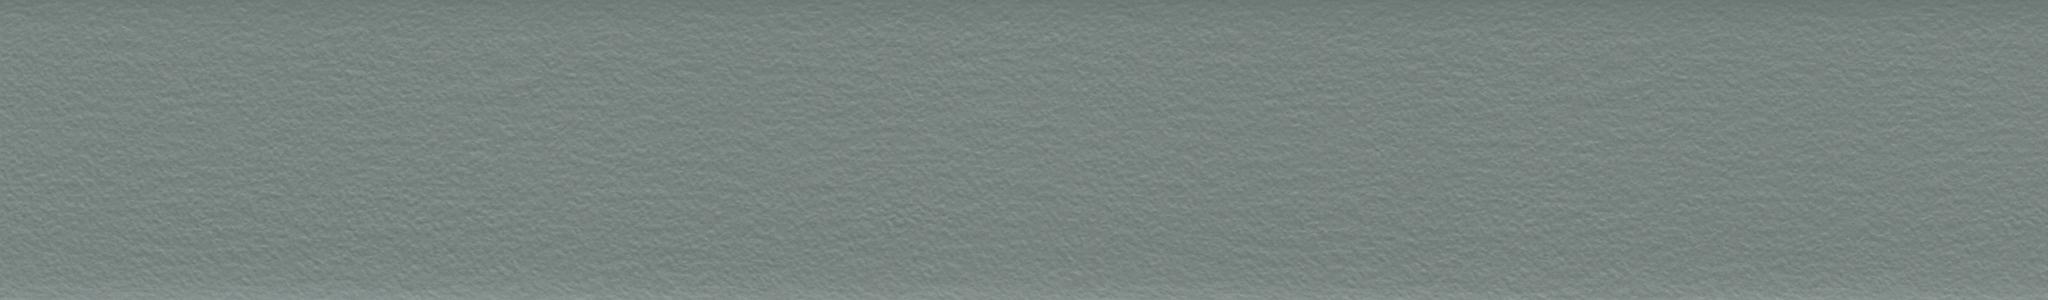 HU 177912 ABS hrana šedá perla jemná 107